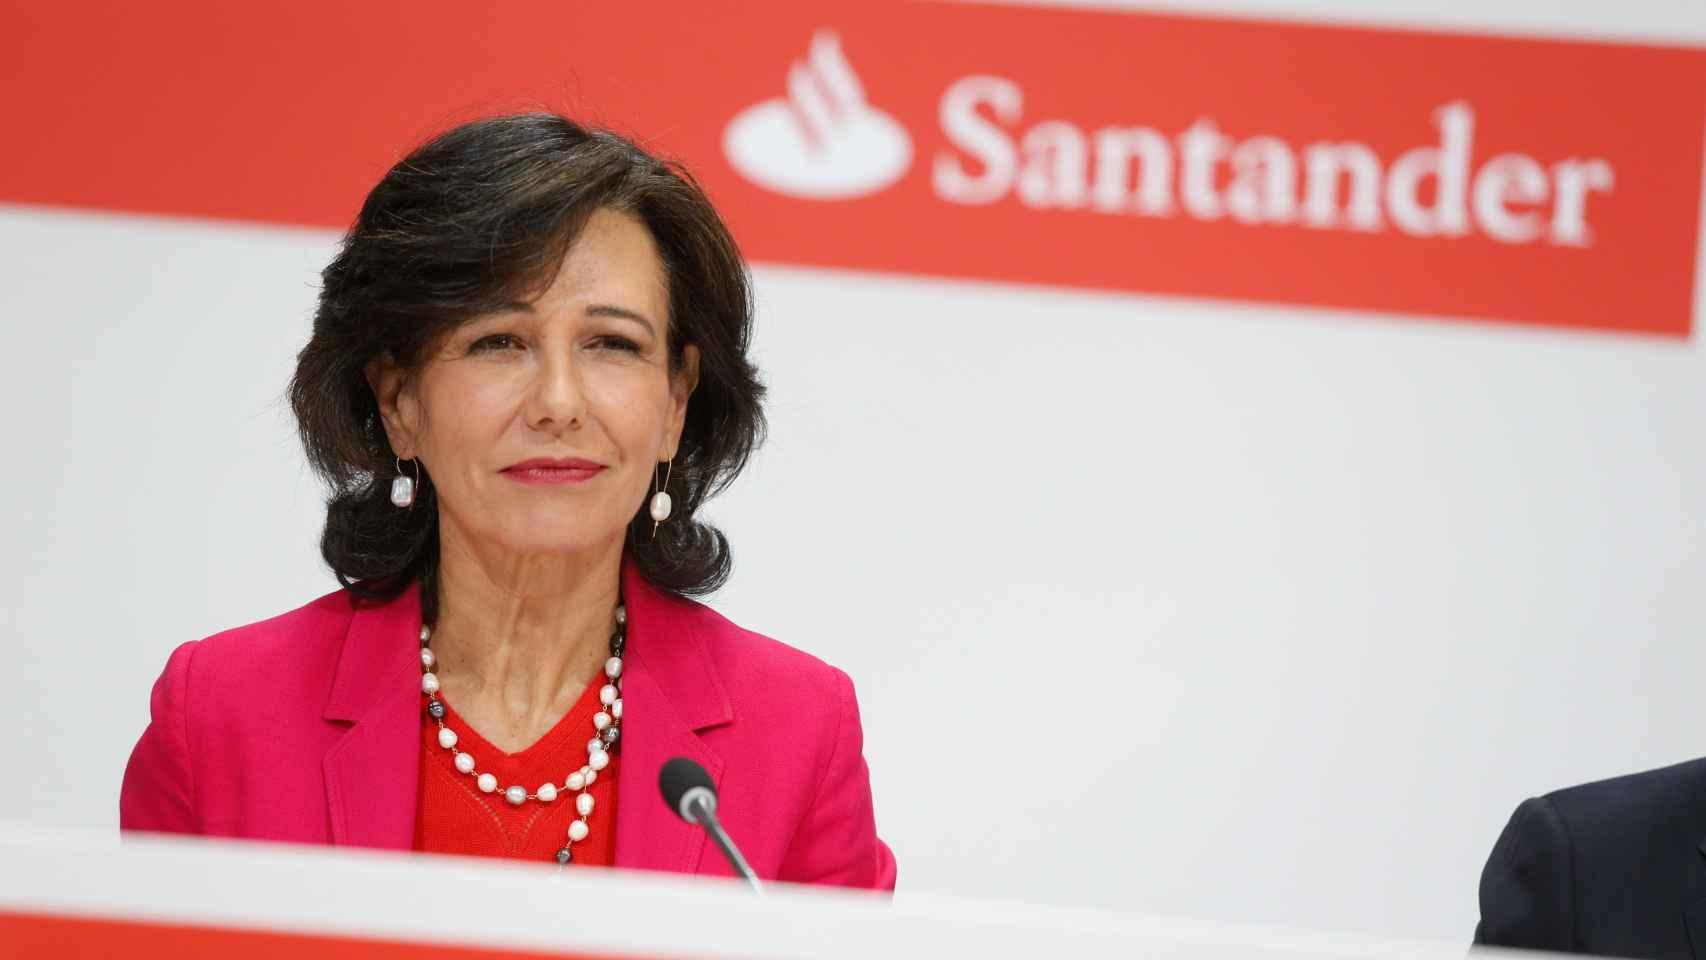 Las 20 mujeres m´s poderosas de España